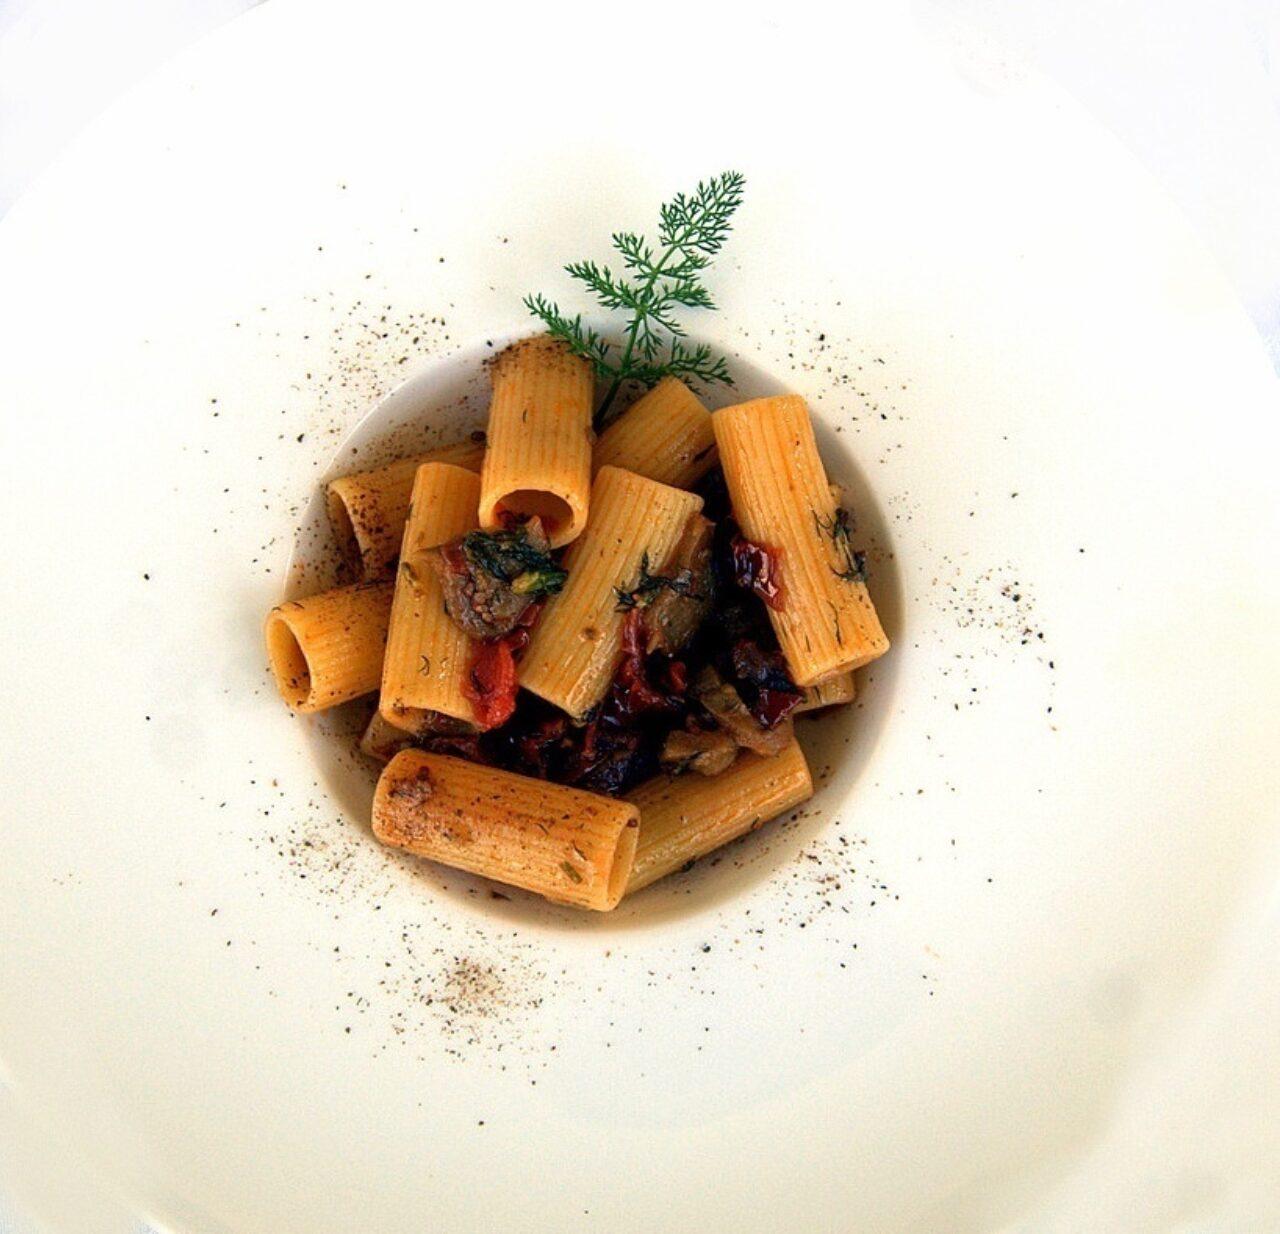 Rigatone Pasta Armando con finocchietto, melanzane sott'olio, pomodori secchi e polvere di capperi